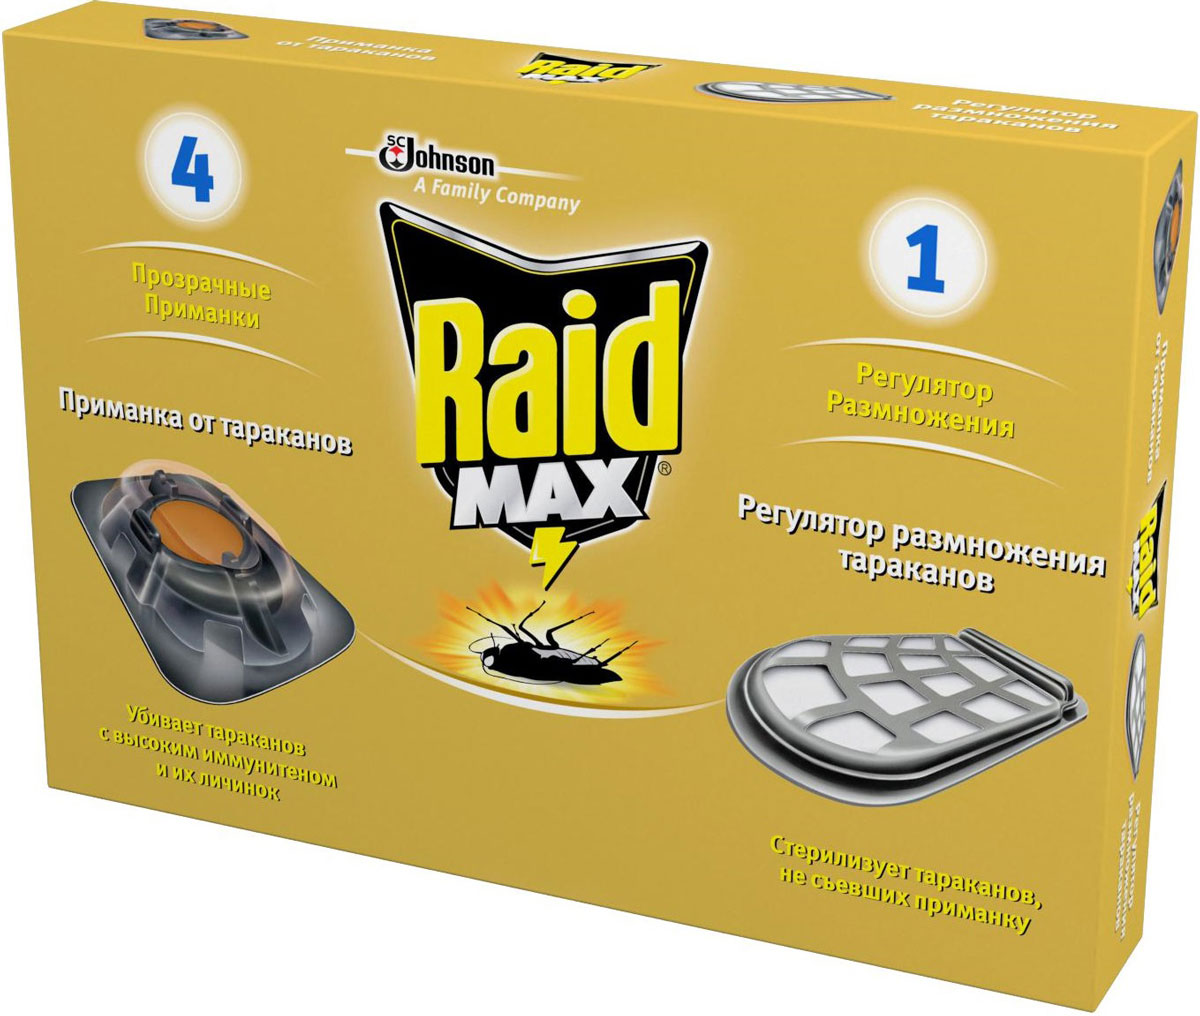 Приманки от тараканов Raid Max содержат инсектицид нового поколения Абамекин, эффективно уничтожающий даже тех тараканов, которые выработали иммунитет к другим средствам, а также эффективно действующий против их личинок. Прозрачный верх приманки Raid Max позволяет вам видеть пищу с инсектицидом, находящуюся внутри, что дает возможность контролировать длительность работы приманки:  пока содержимое не съедено полностью, приманка работает (не более трех месяцев).Способ применения Приманок от тараканов Raid Max:  Для максимального эффекта используйте одновременно 3-4  приманки на площади до 7 квадратных метров, а при большом количестве насекомых удвойте количество приманок. Для  лучшего эффекта располагайте приманки в непосредственной близости от плинтусов, в углах, под мойкой, в шкафах, где хранятся мусорные ведра и вблизи водопроводных труб. Меняйте ВСЕ приманки каждые 3 месяца. Укажите дату размещения приманки на обратной стороне диска и используйте этот указатель для напоминания о дате смены приманки. После использования, не нарушая целостности приманки, завернуть в бумагу и выбросить в мусоропровод.